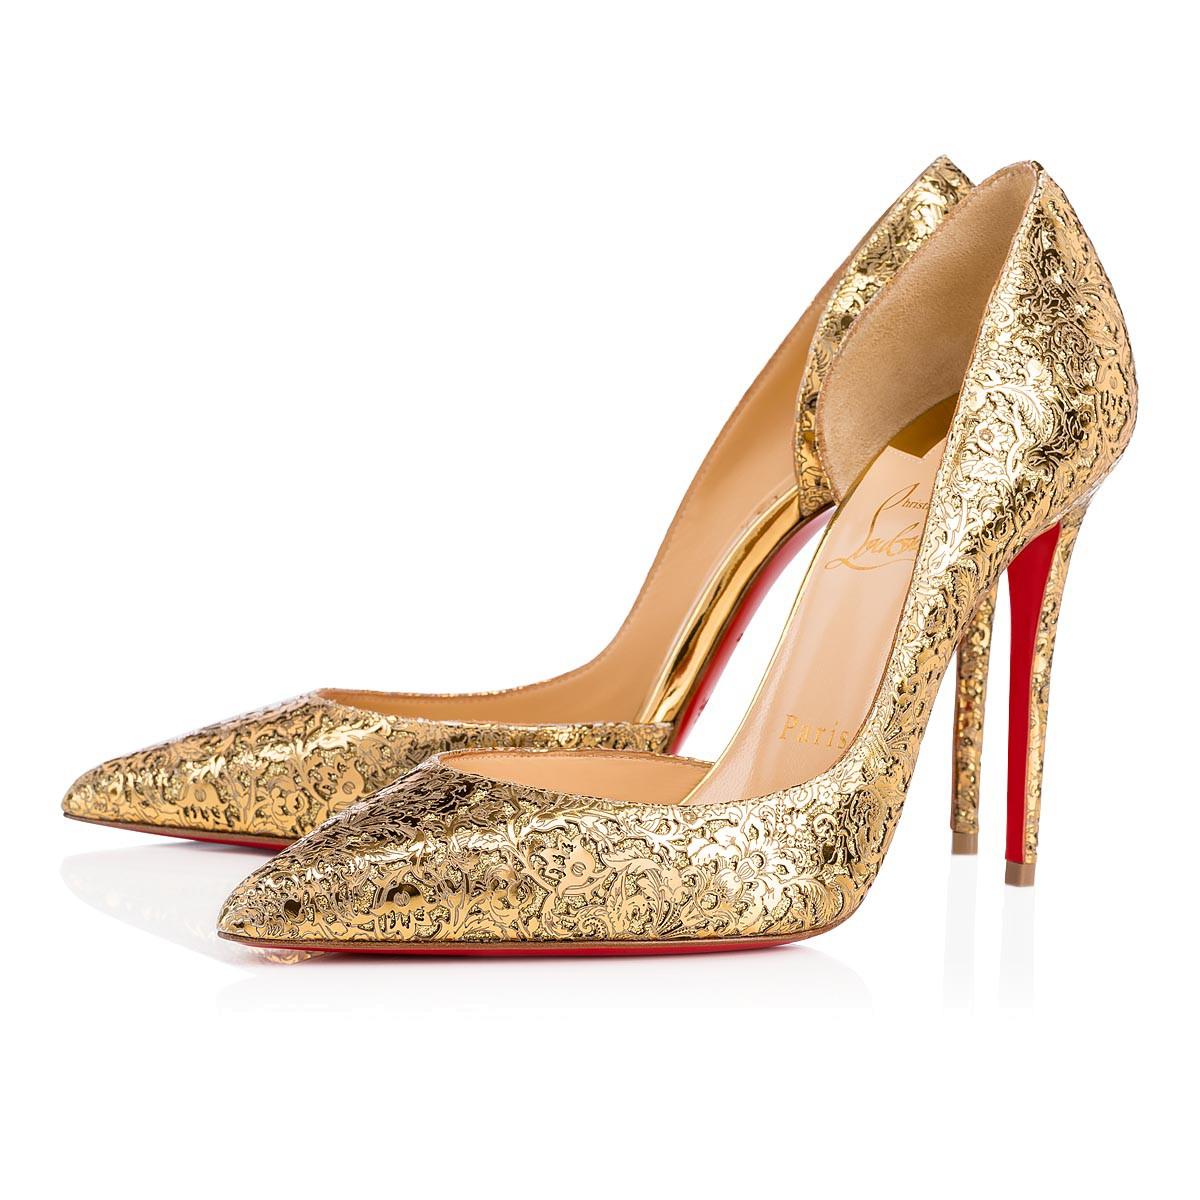 Scarpe con tacco eleganti color oro Christian Louboutin 2018 2019